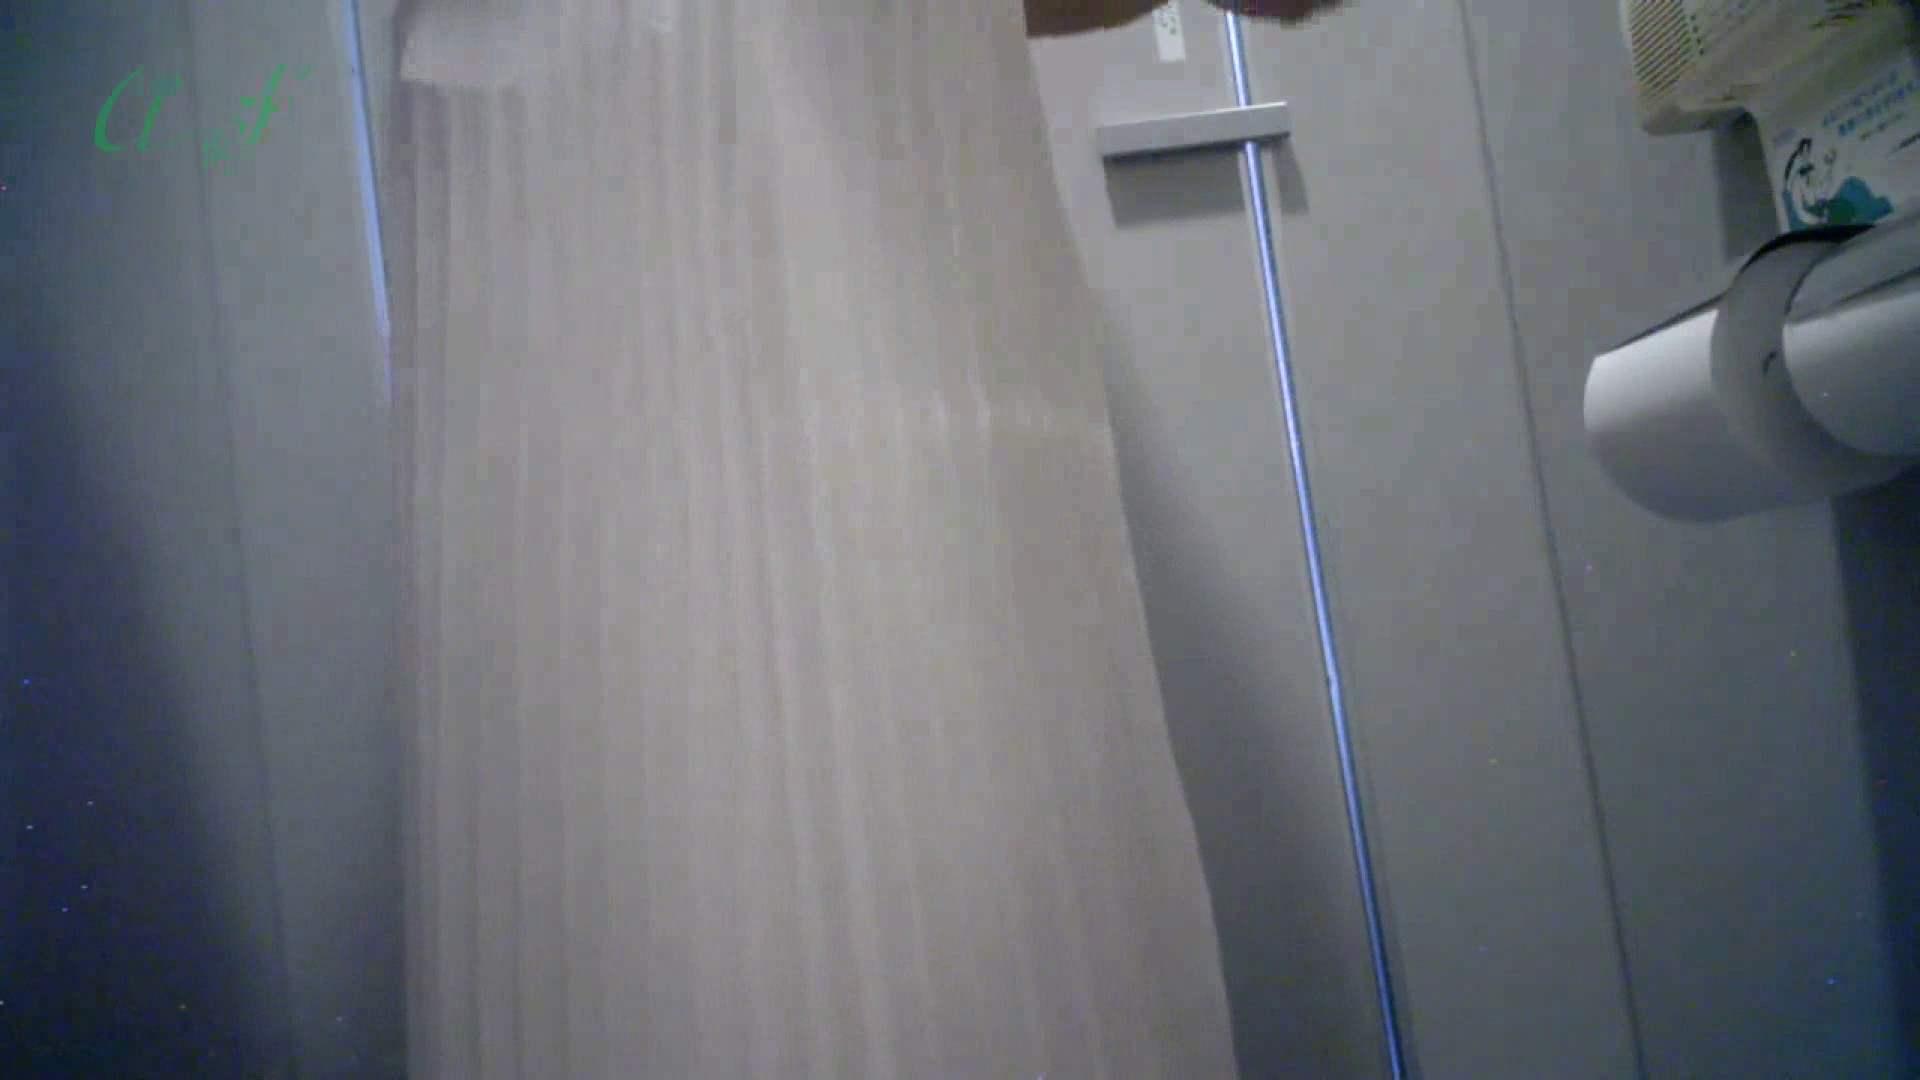 有名大学女性洗面所 vol.67トイレの女神さま♪ 潜入 SEX無修正画像 108PICs 32